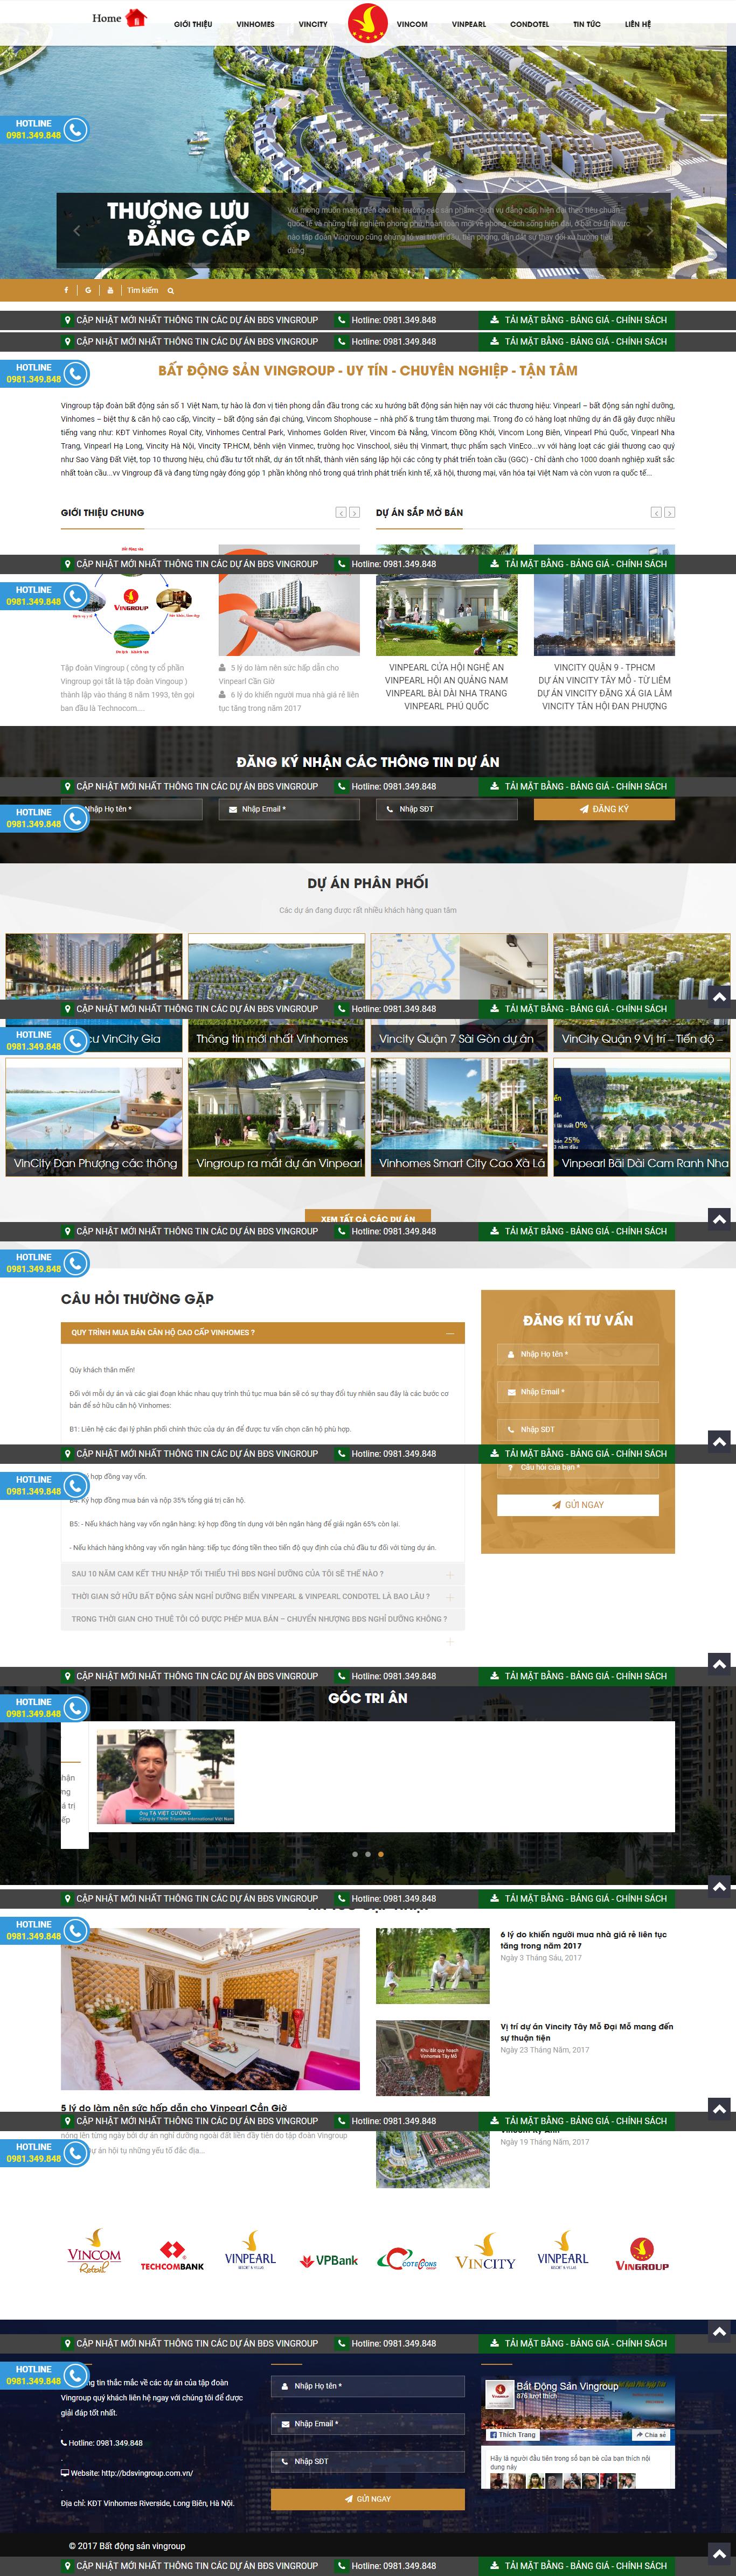 Giao diện website Bất động sản Z - 201